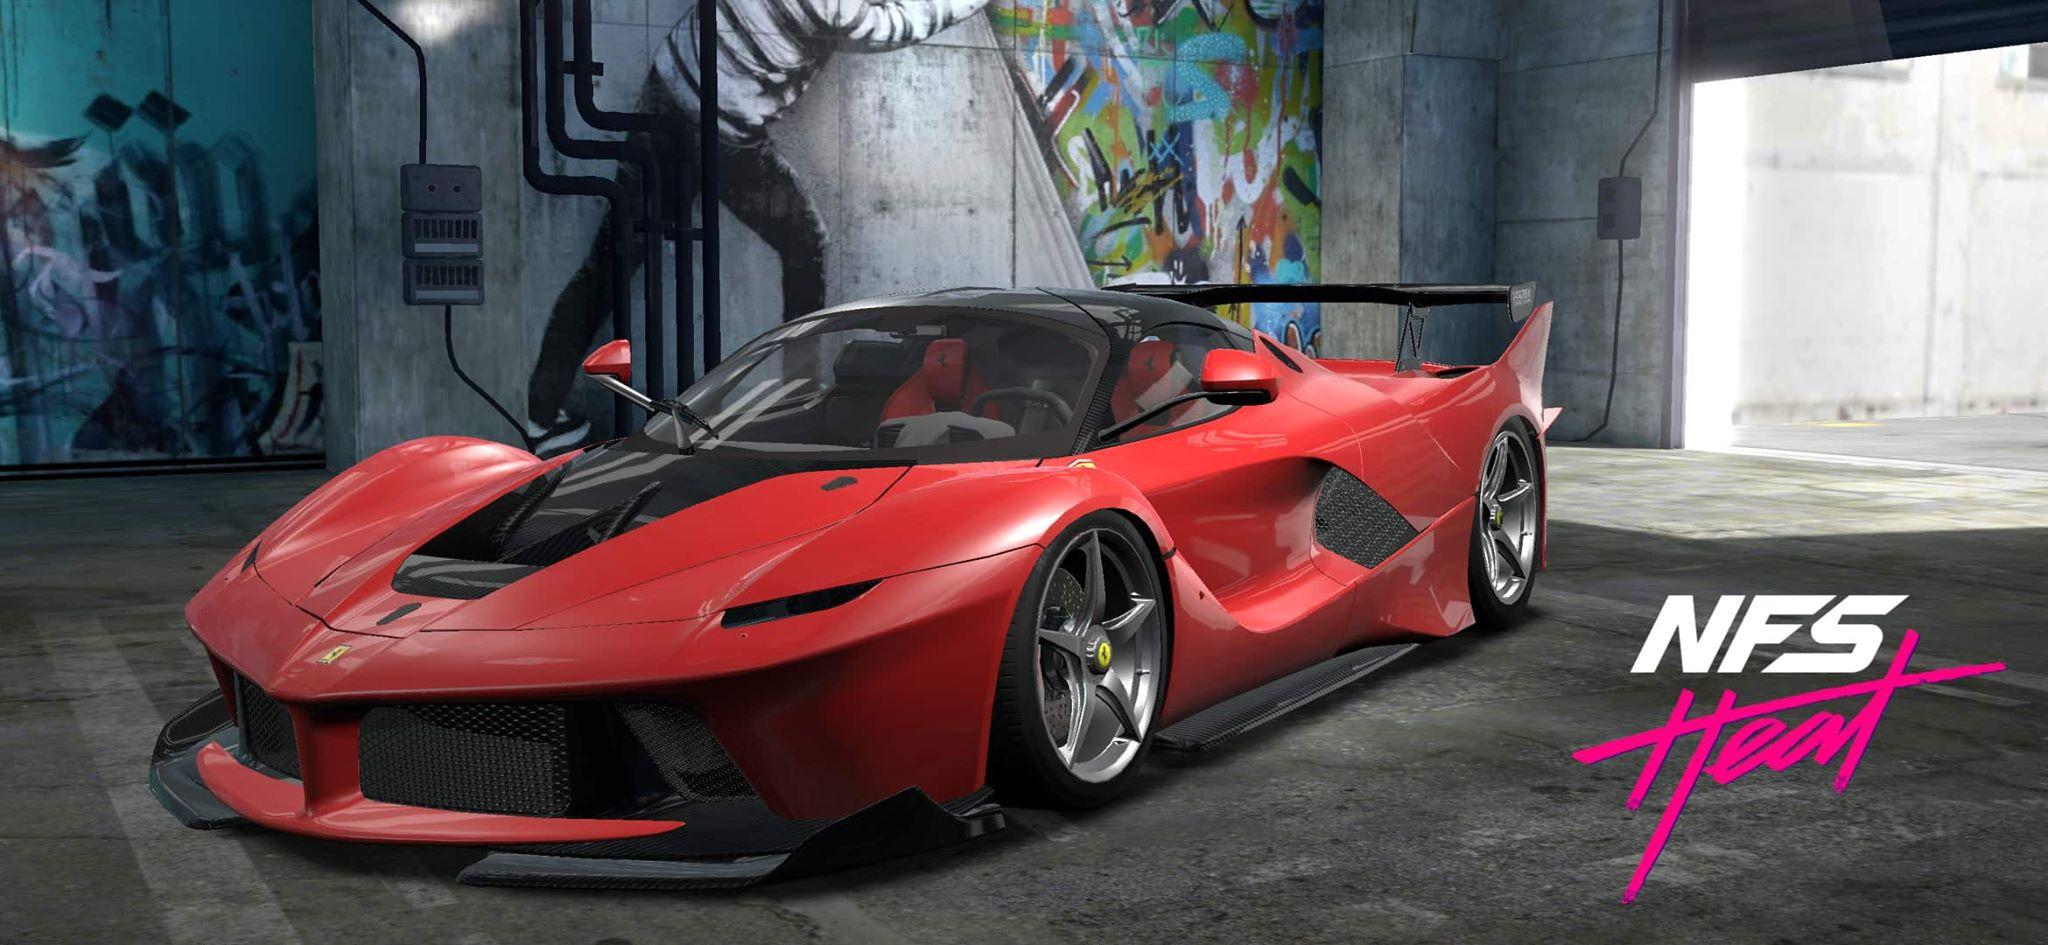 Need For Speed Heat Studio Drop 8 Adds Ferrari Laferrari Mclaren 600lt And More The Nobeds